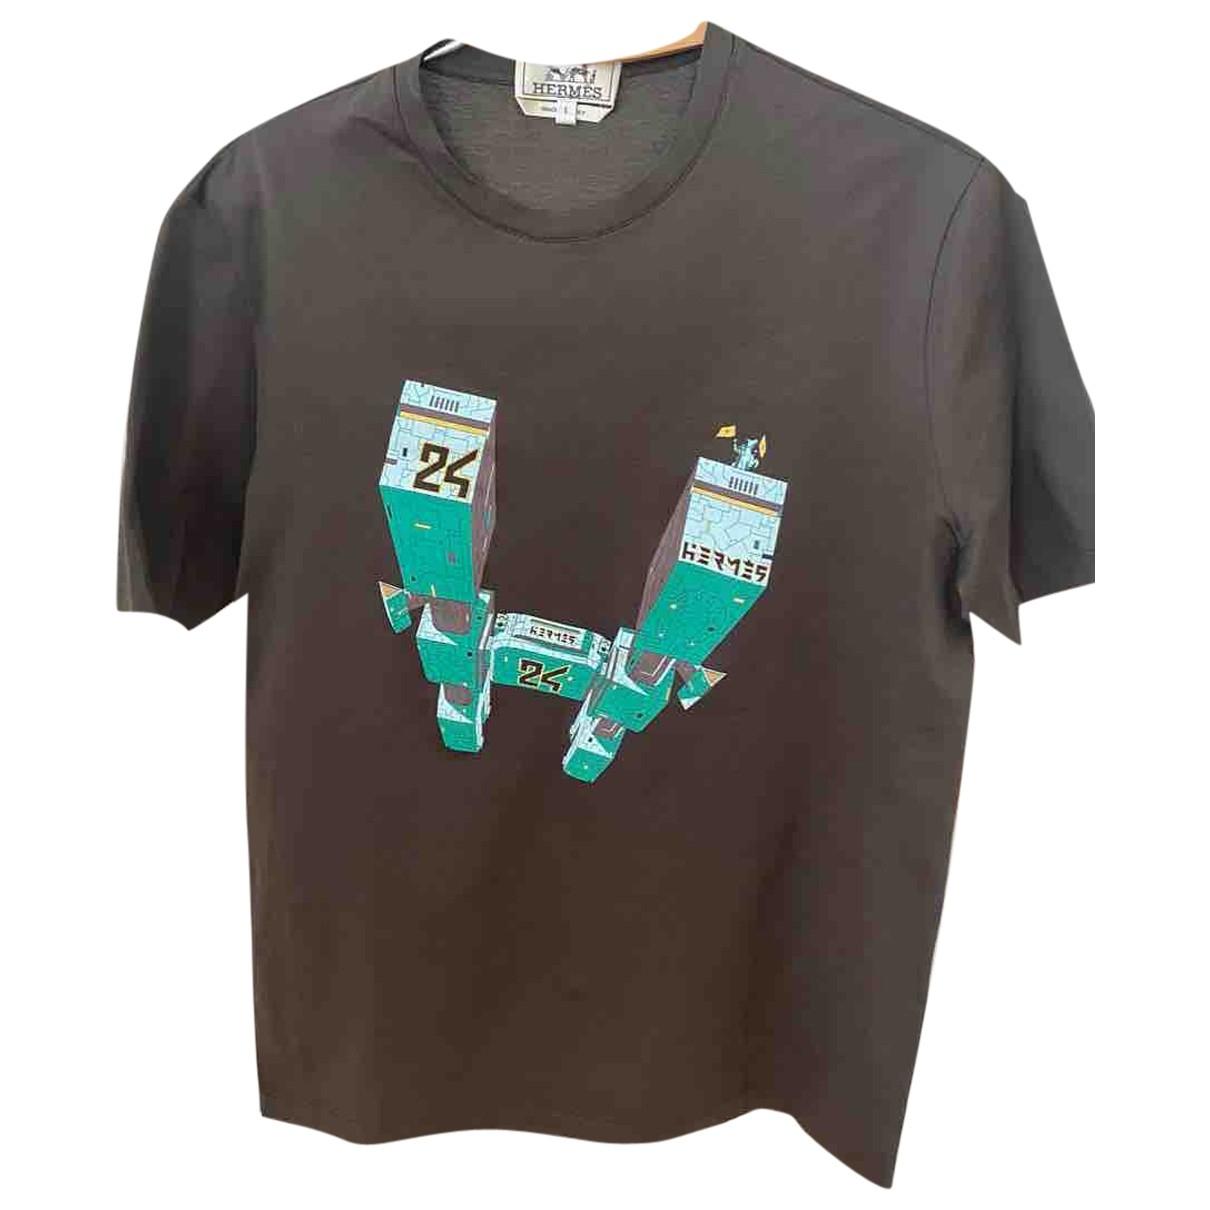 Hermes - Tee shirts   pour homme en coton - vert